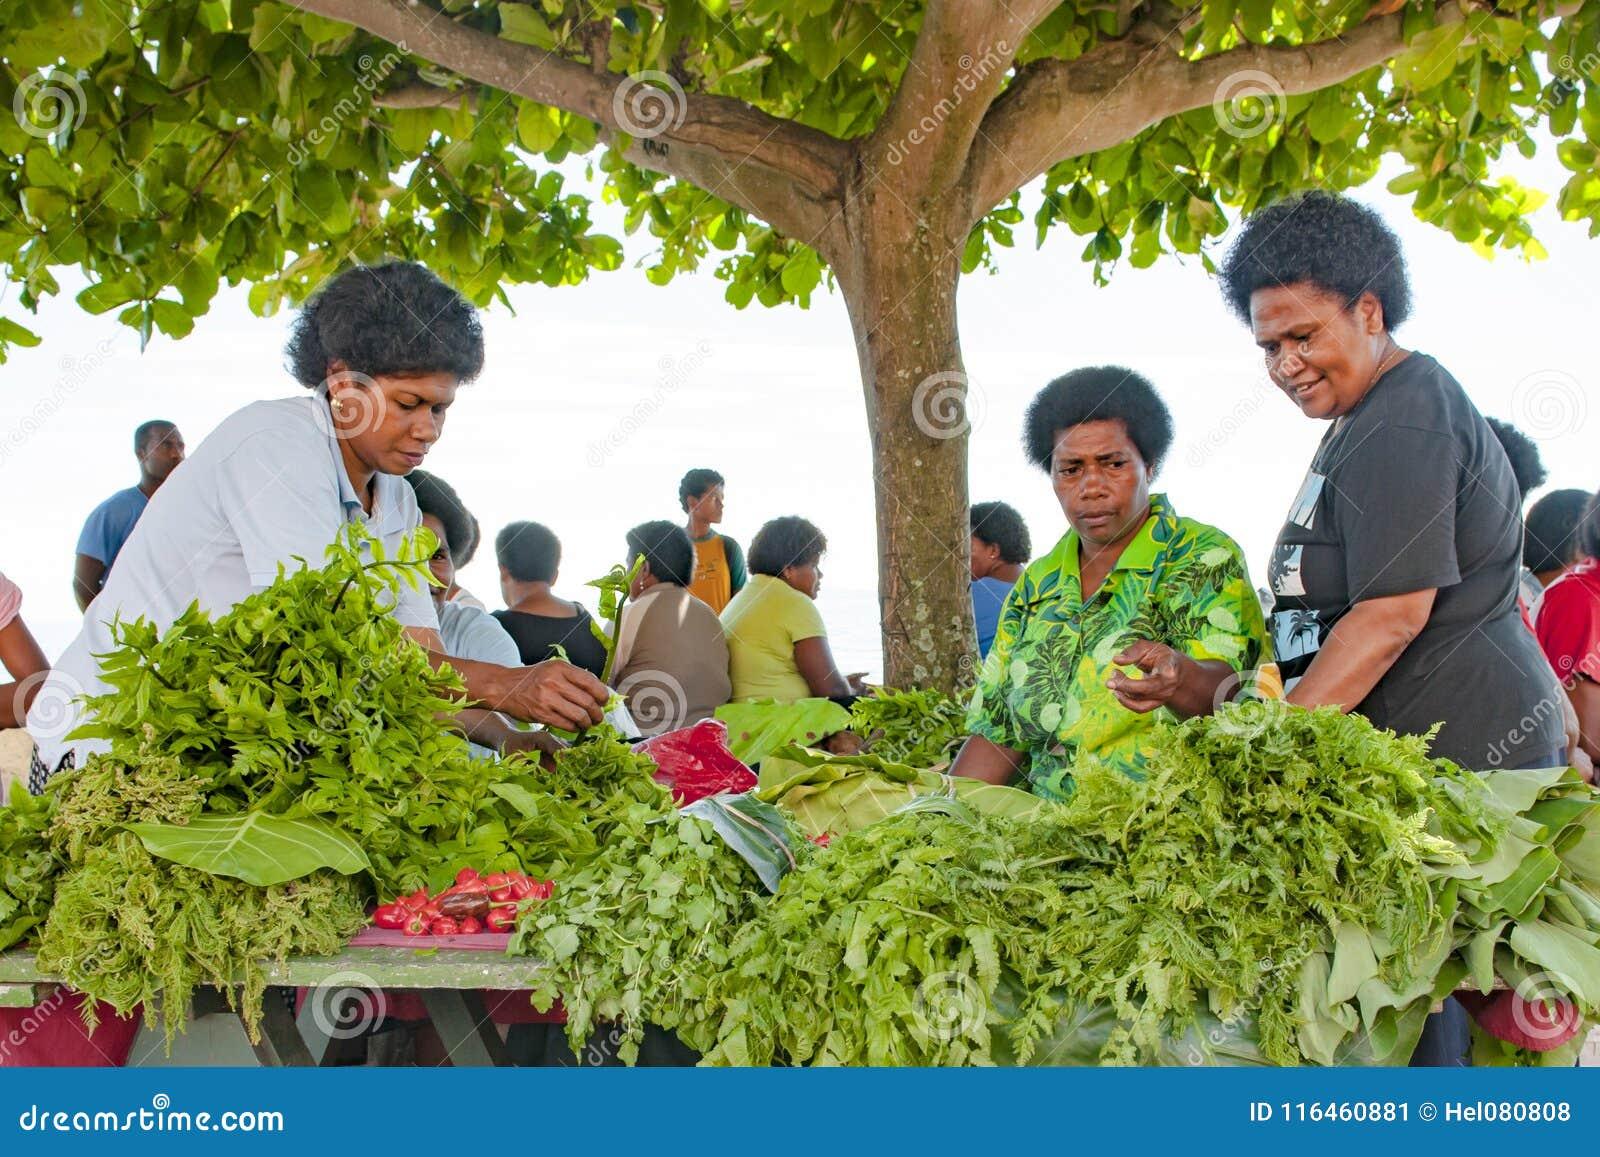 Ensalada verde y verduras frescas en la sombra de hojas de un árbol en mercado tropical en la isla en el Océano Pacífico